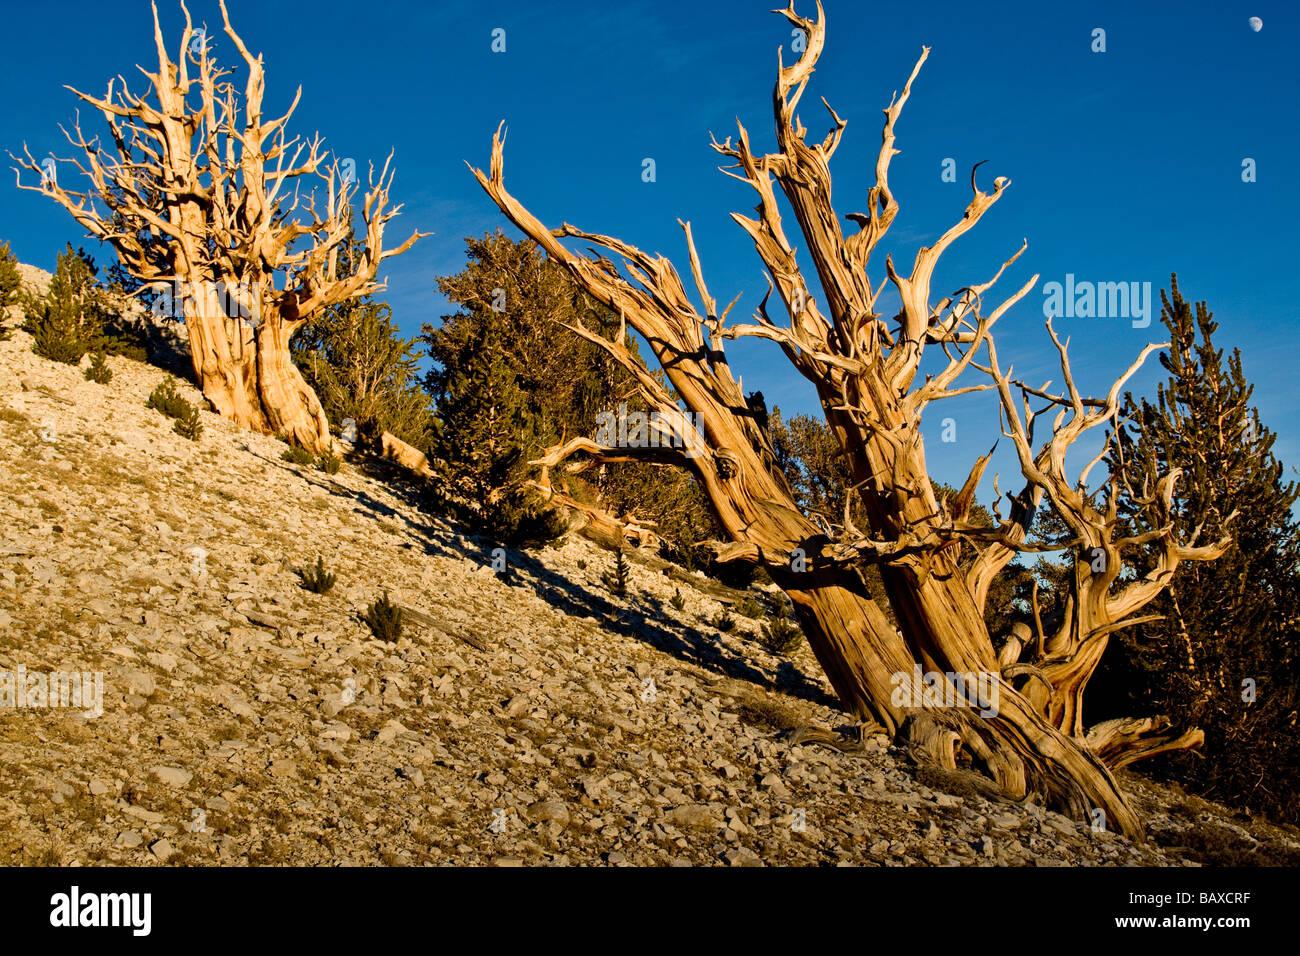 Antiguos pinos bristlecone en las Montañas Blancas de California Foto de stock